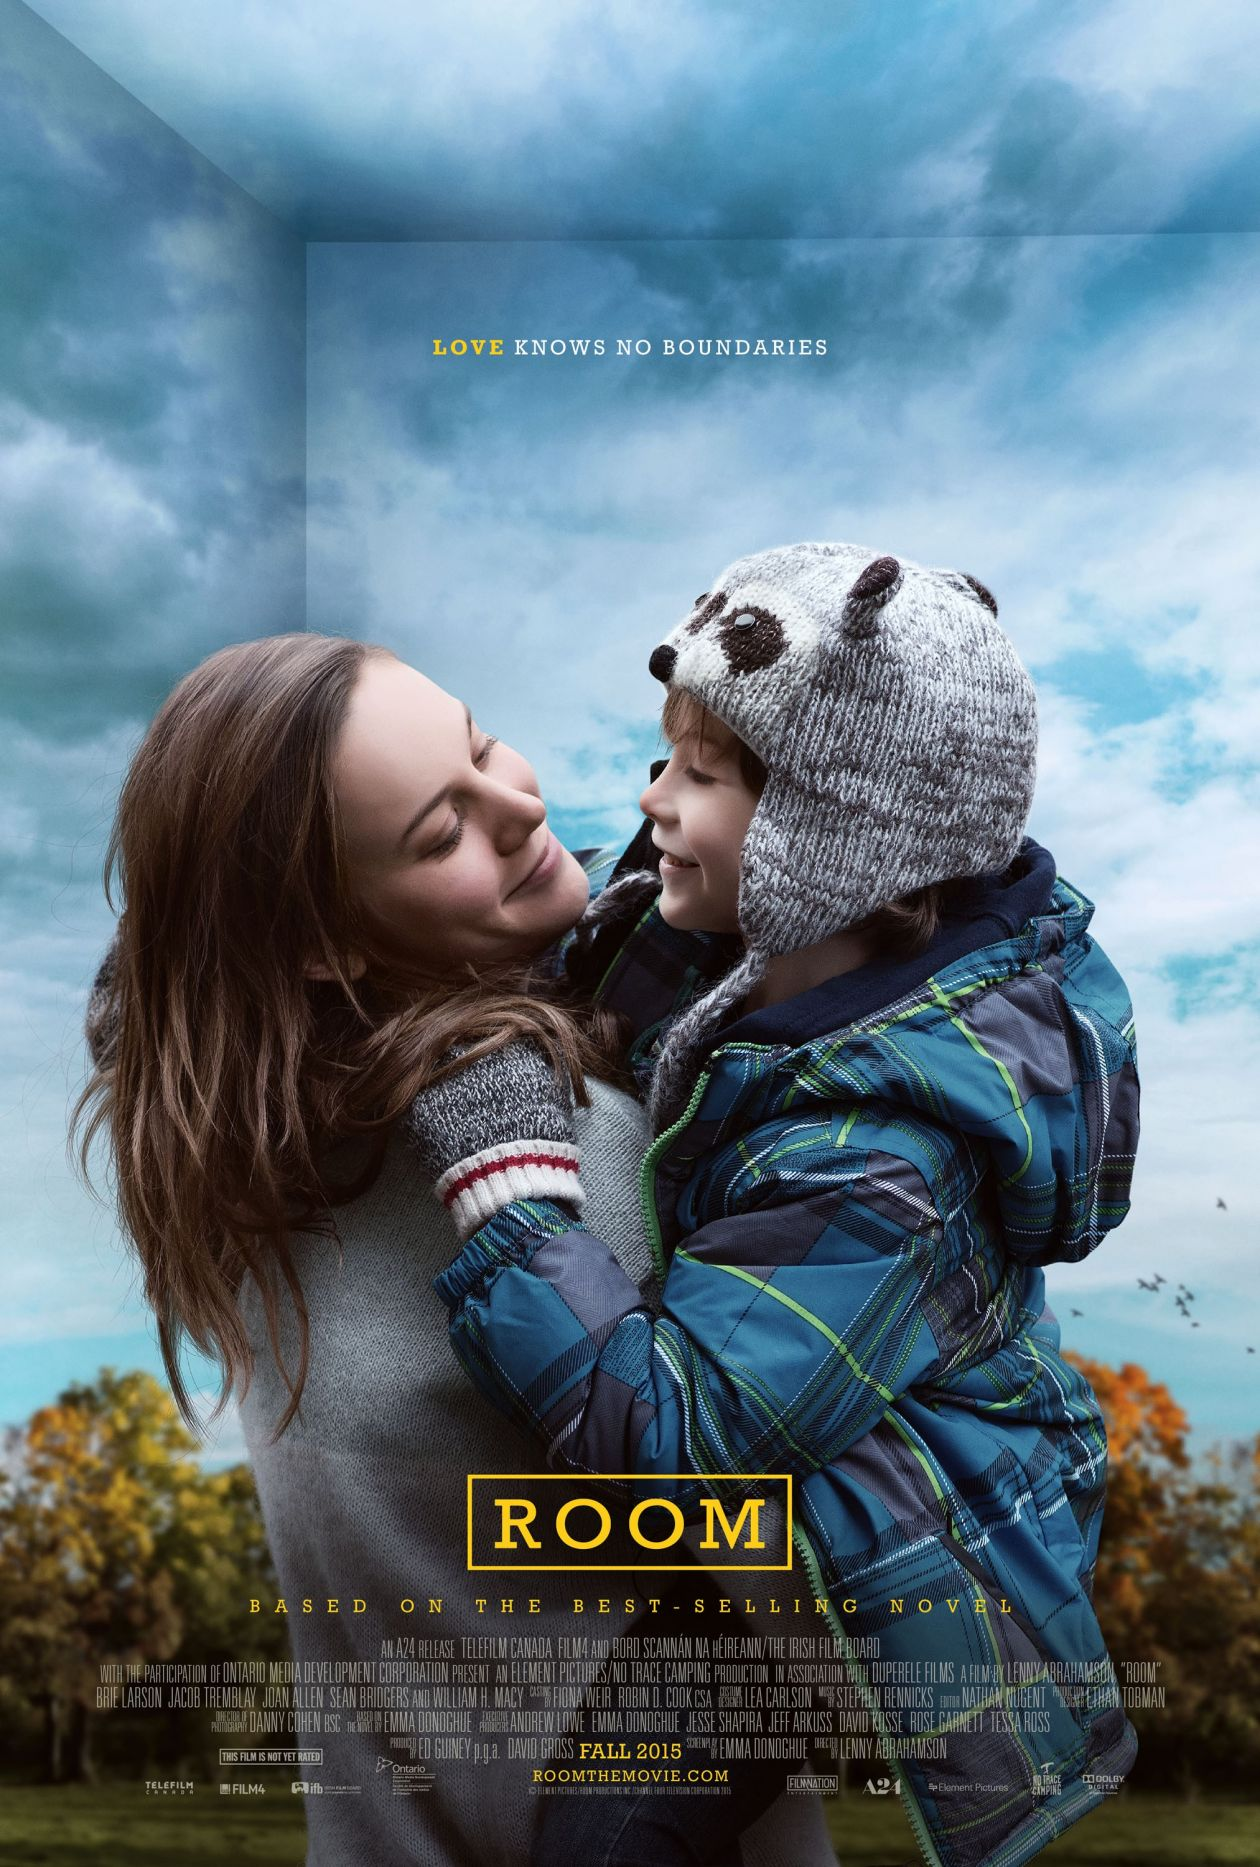 Academy Award / Oscar 2016 / Best Actress: Brie Larson - Room / Lenny Abrahamson